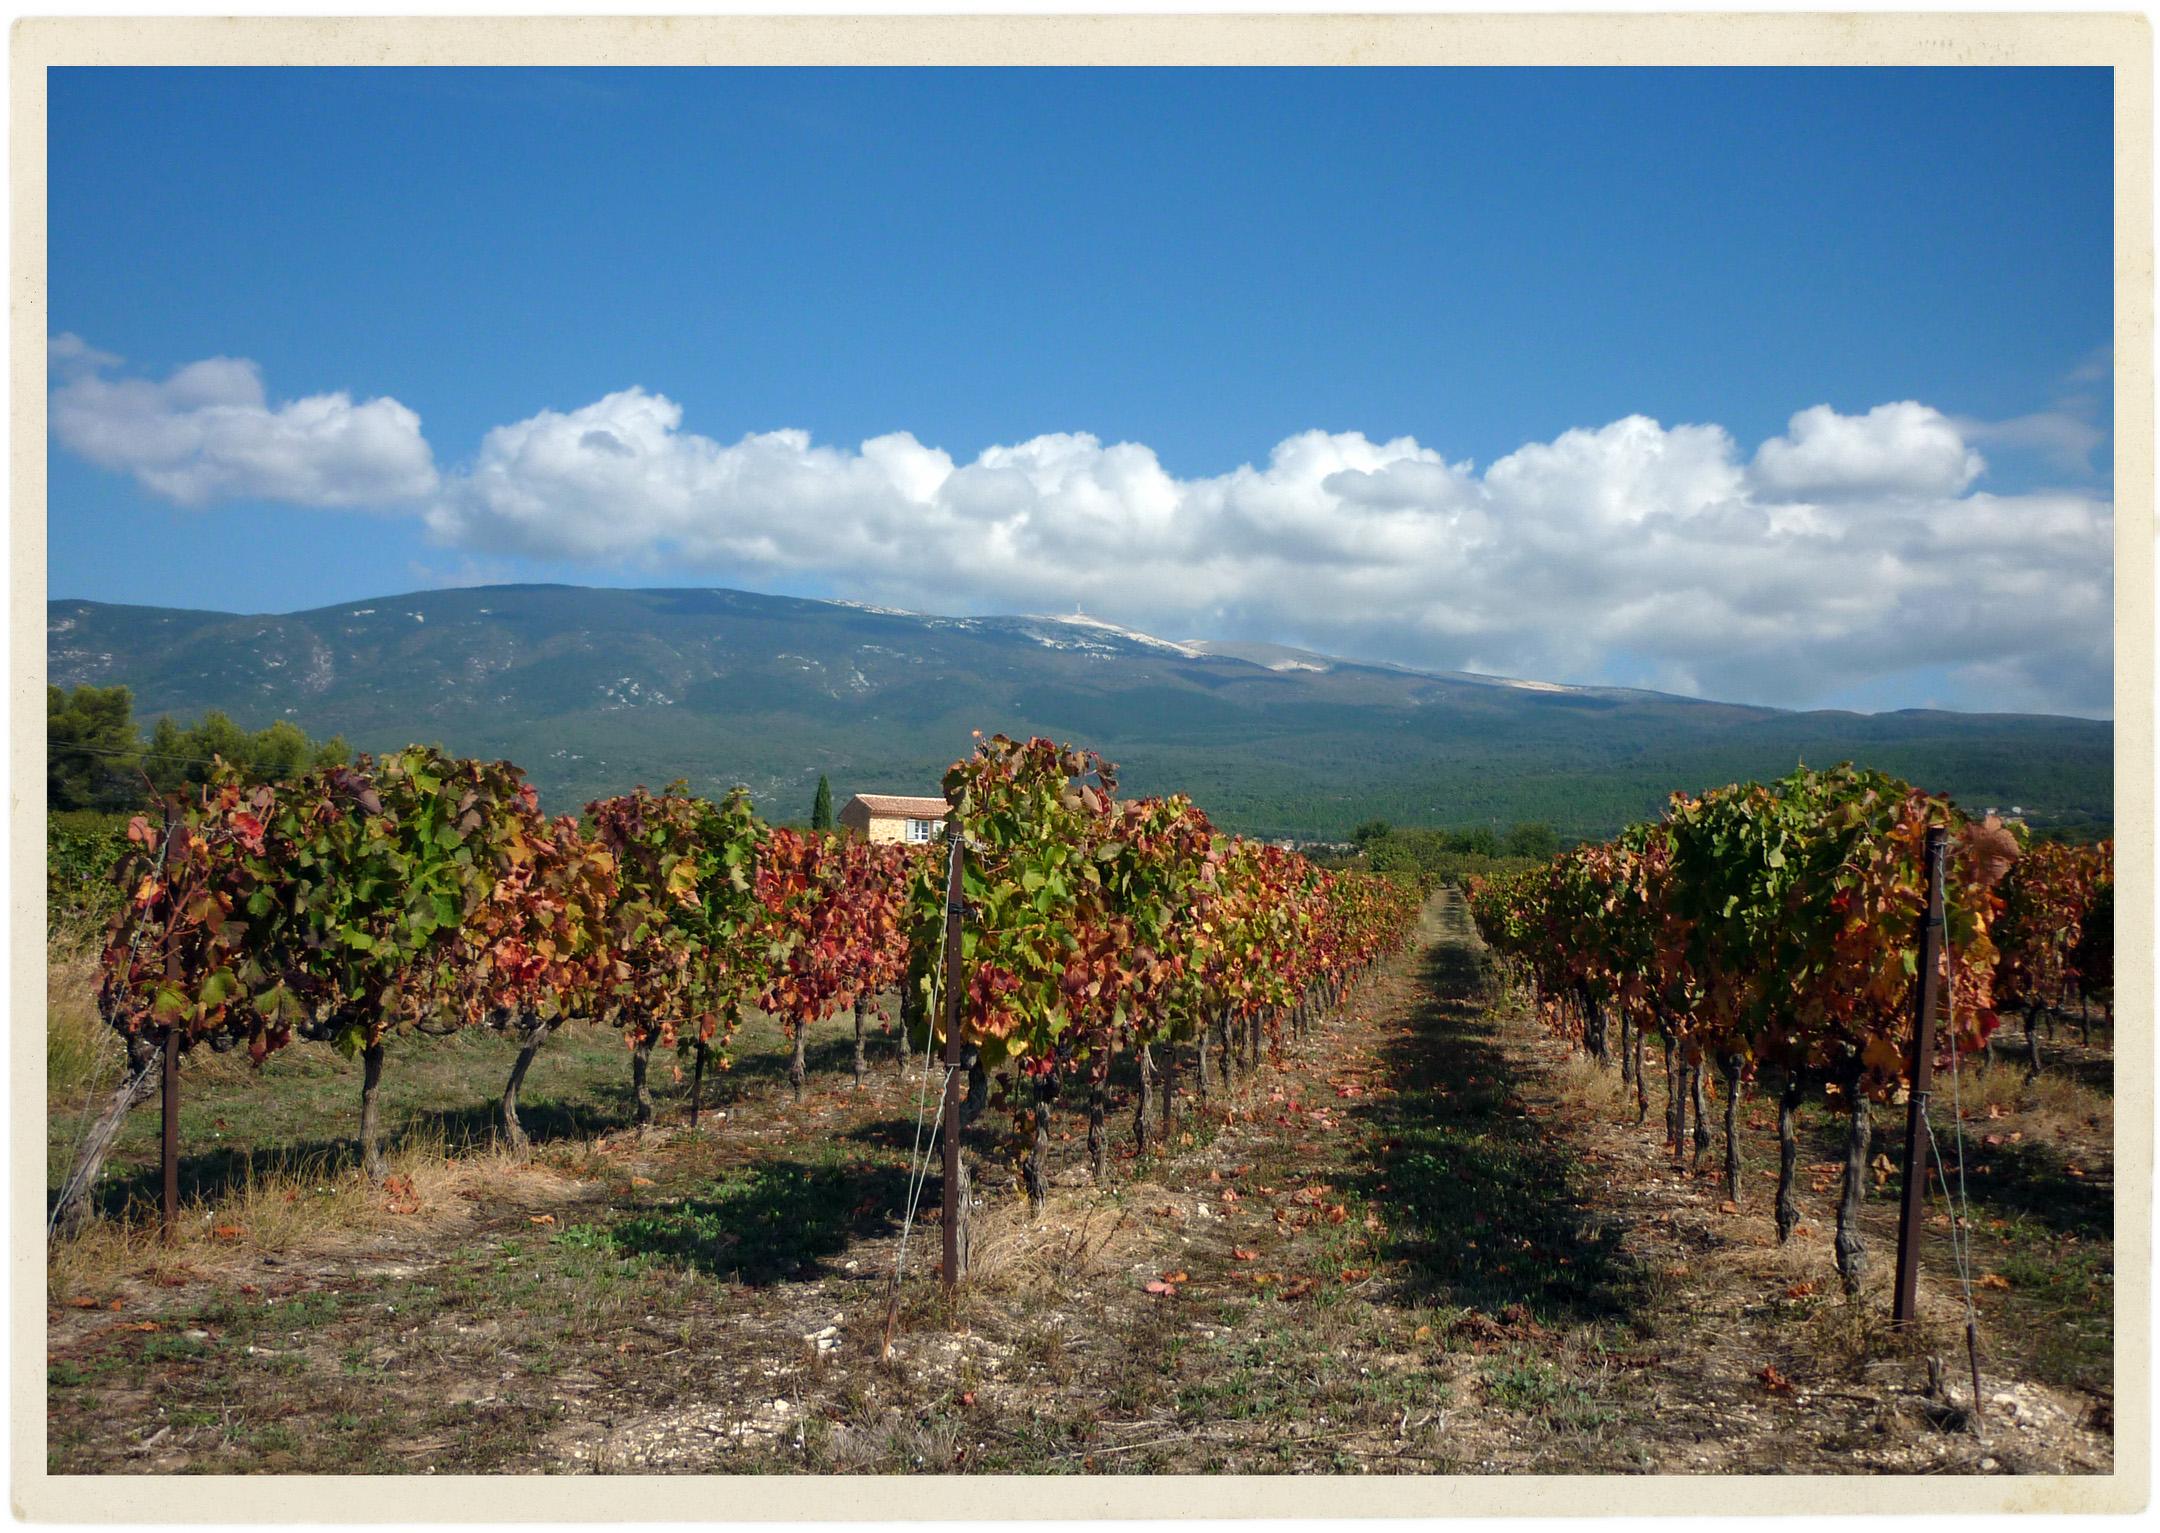 Autumn vines in the Ventoux.